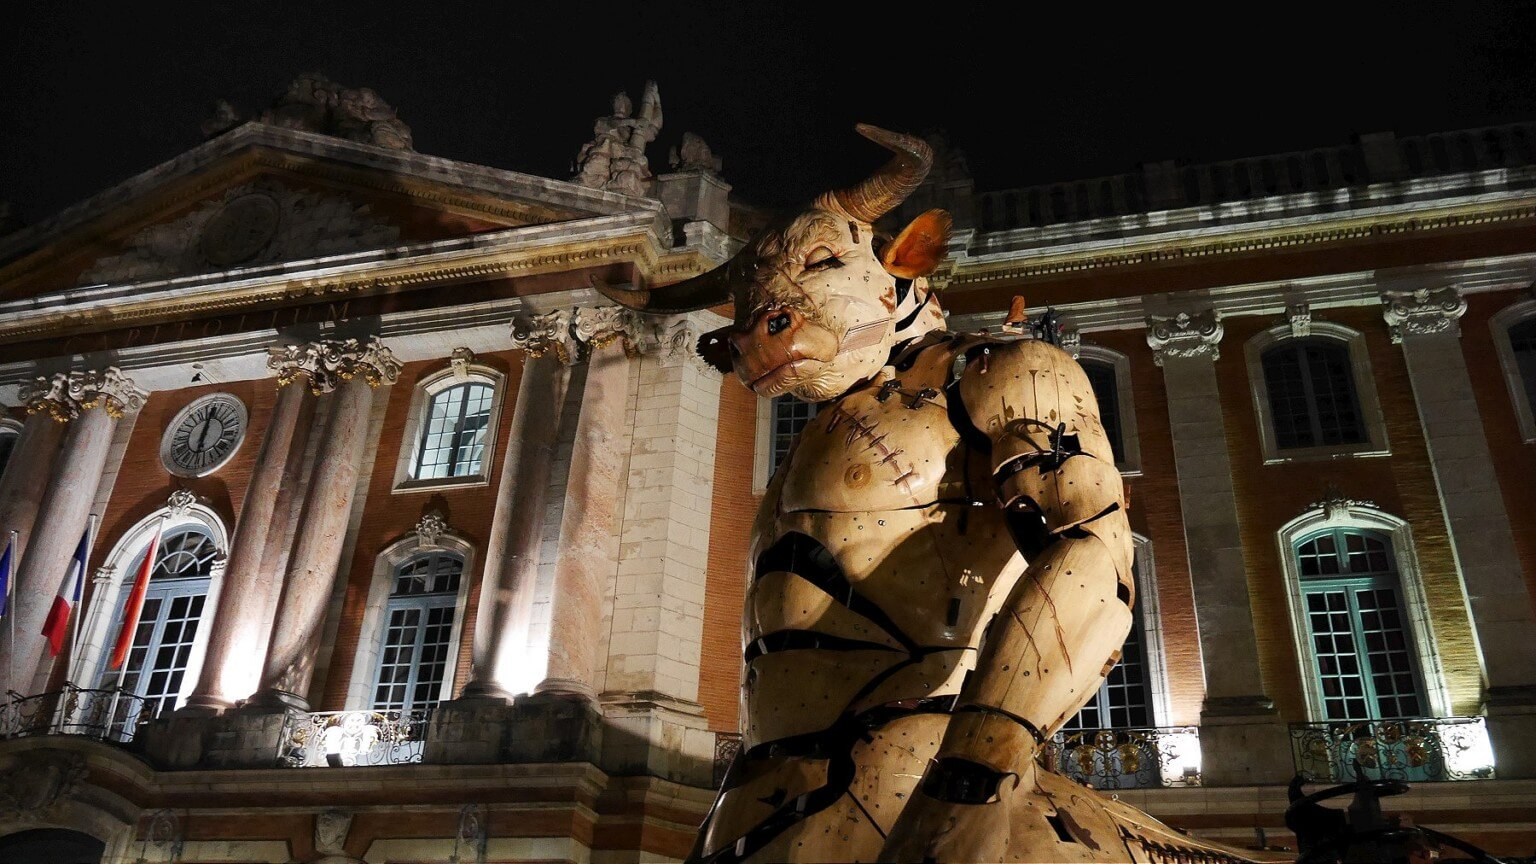 Este minotauro mecánico de 15 metros se paseó por Francia en una ópera urbana cyberpunk